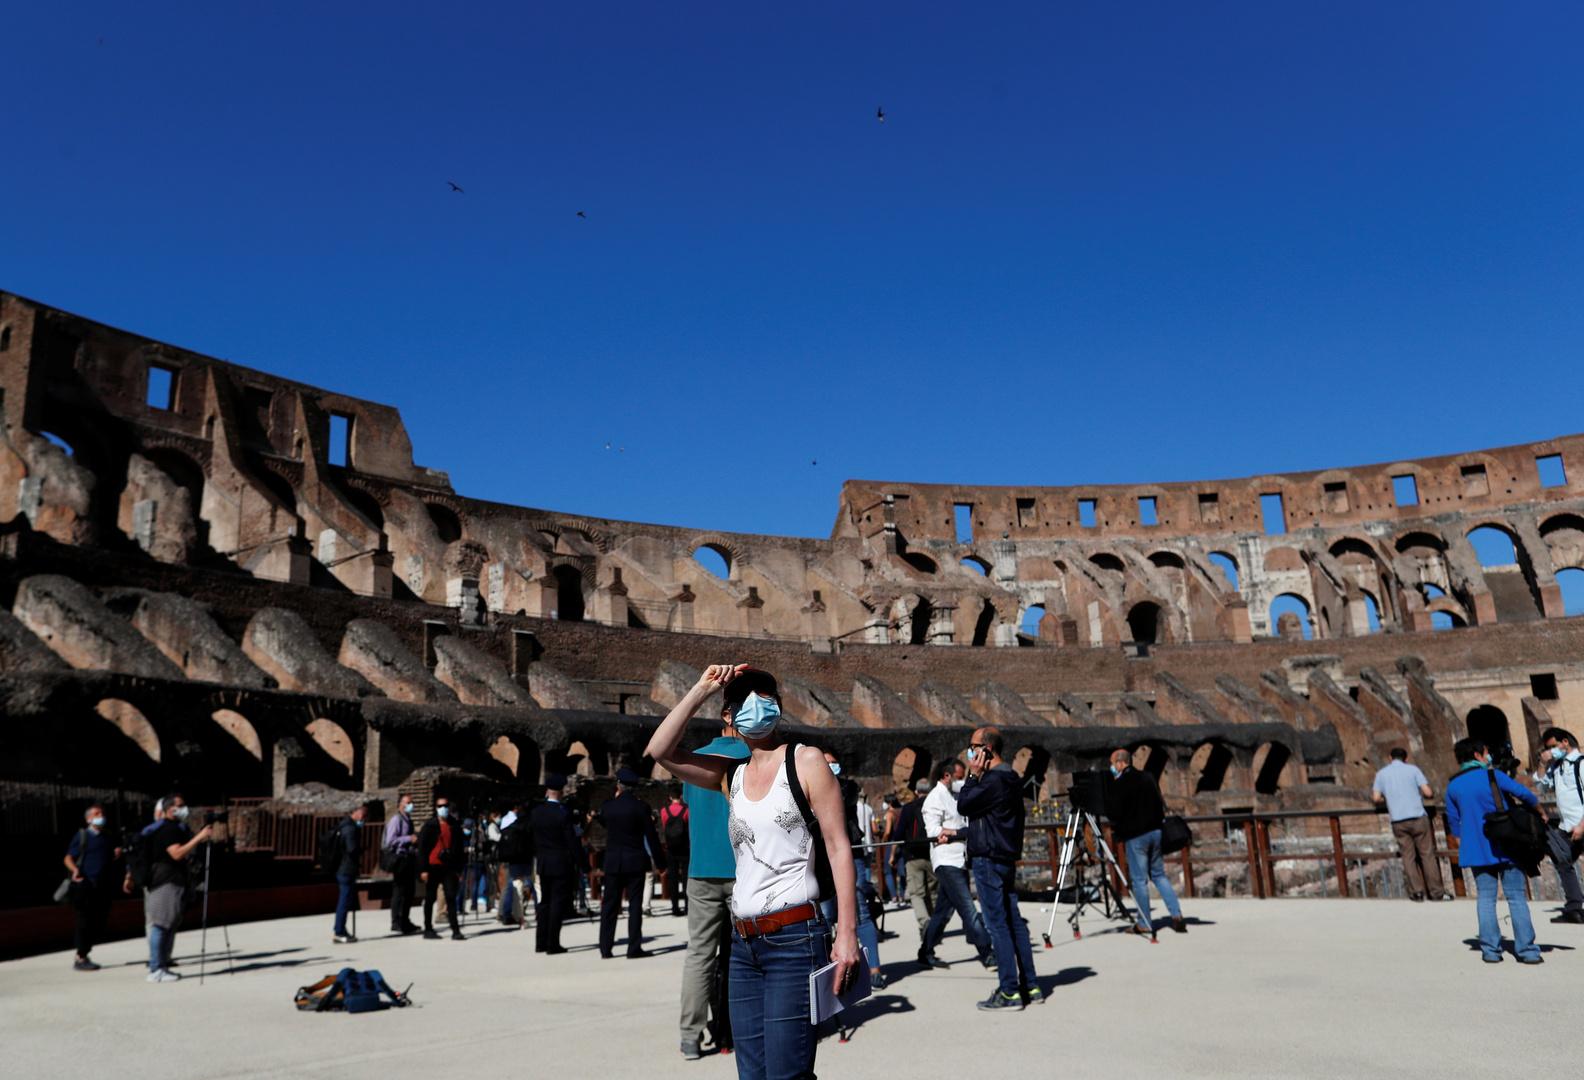 إيطاليا تسجل تراجعا جديدا للوفيات بفيروس كورونا